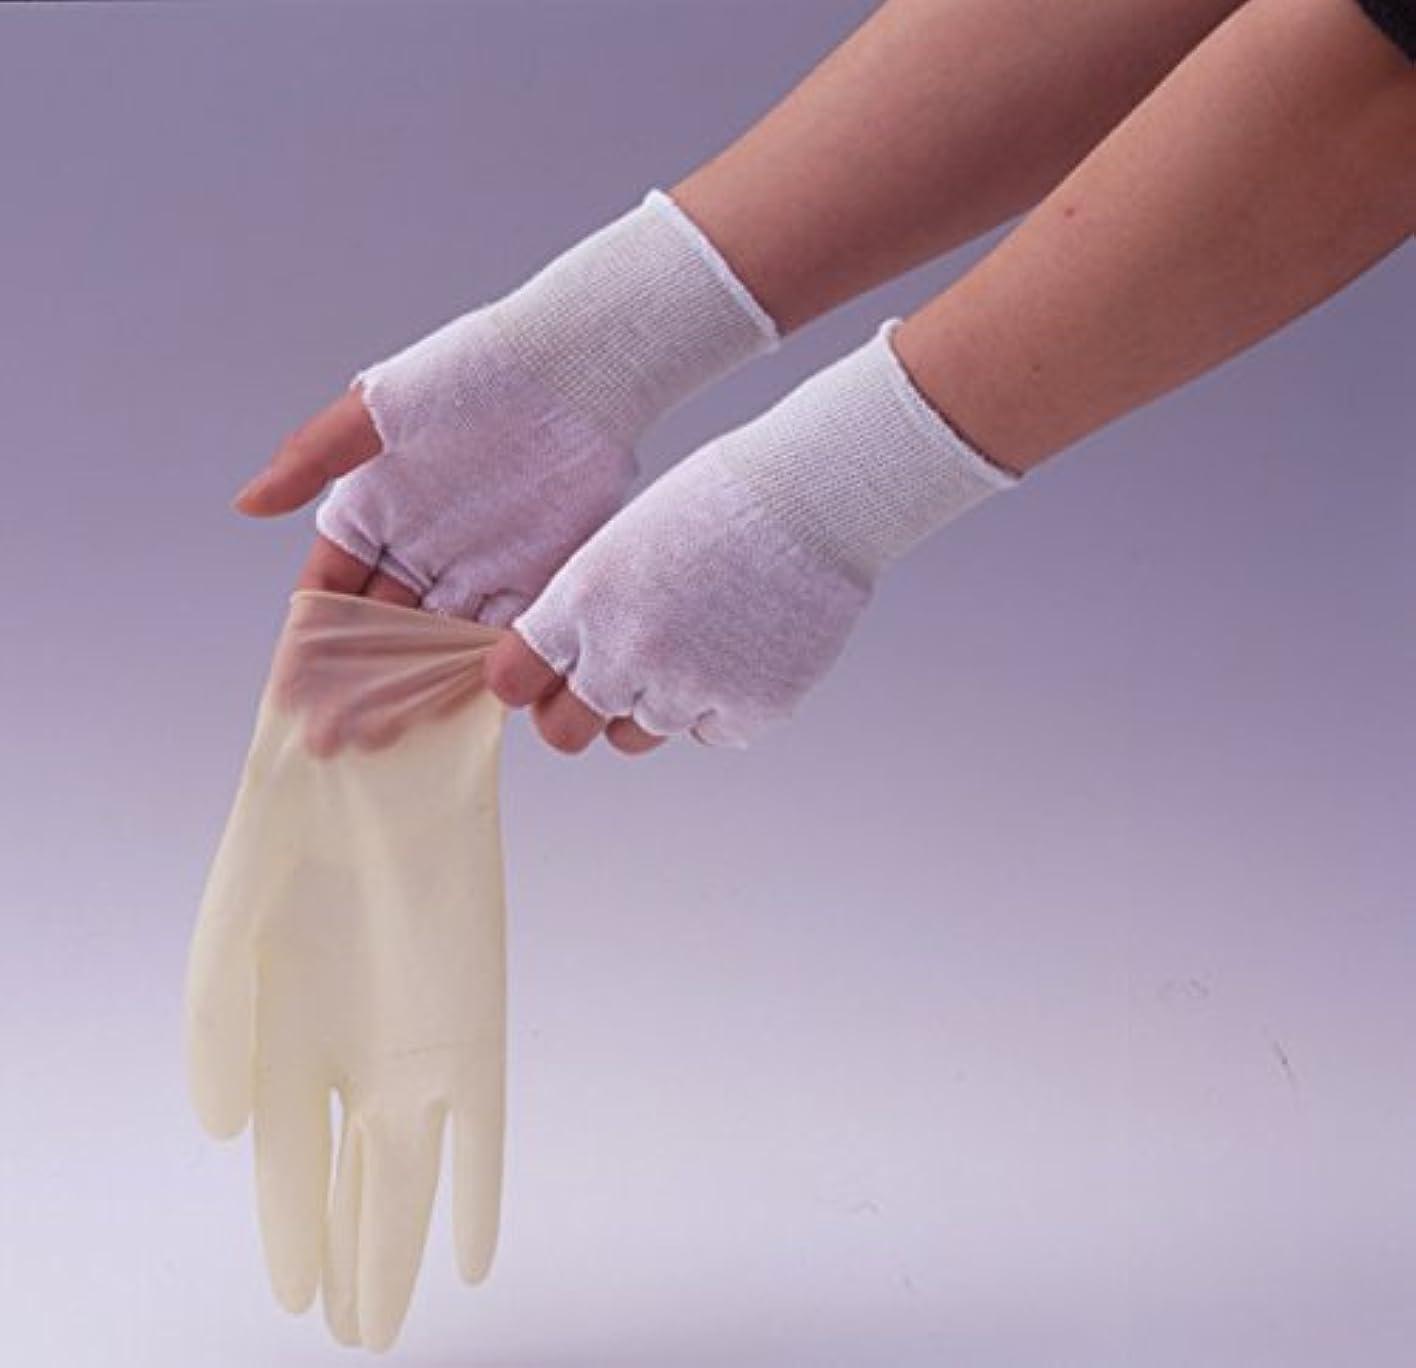 東苦しめる出撃者やさしインナー手袋 (綿100%指なし) 200組/カートン 激安業務用パック